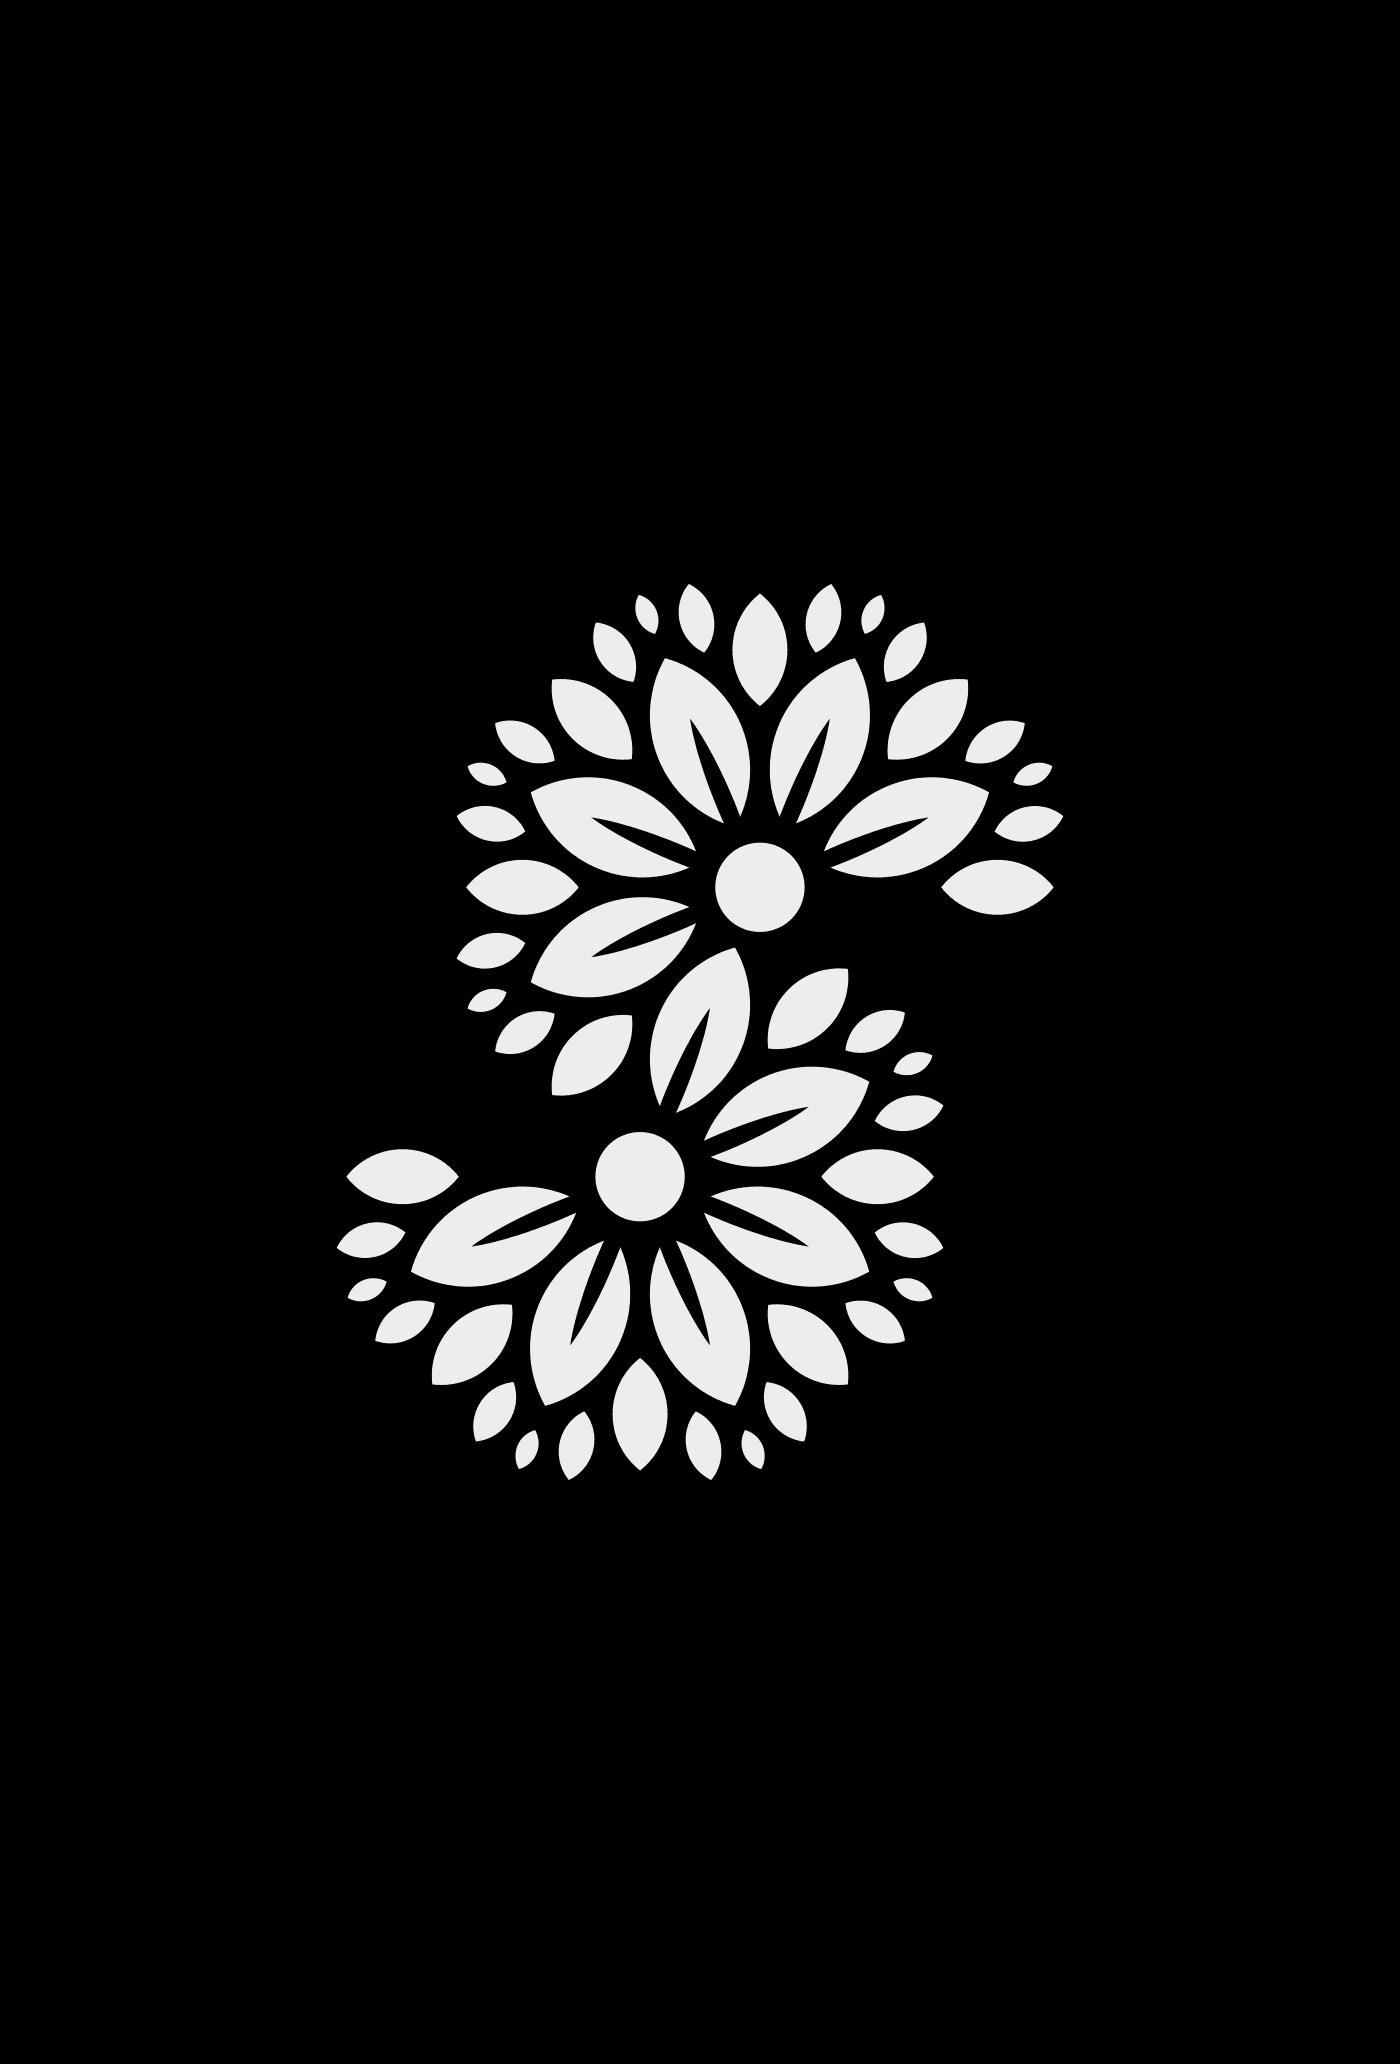 BrunoSilva-Logos-007